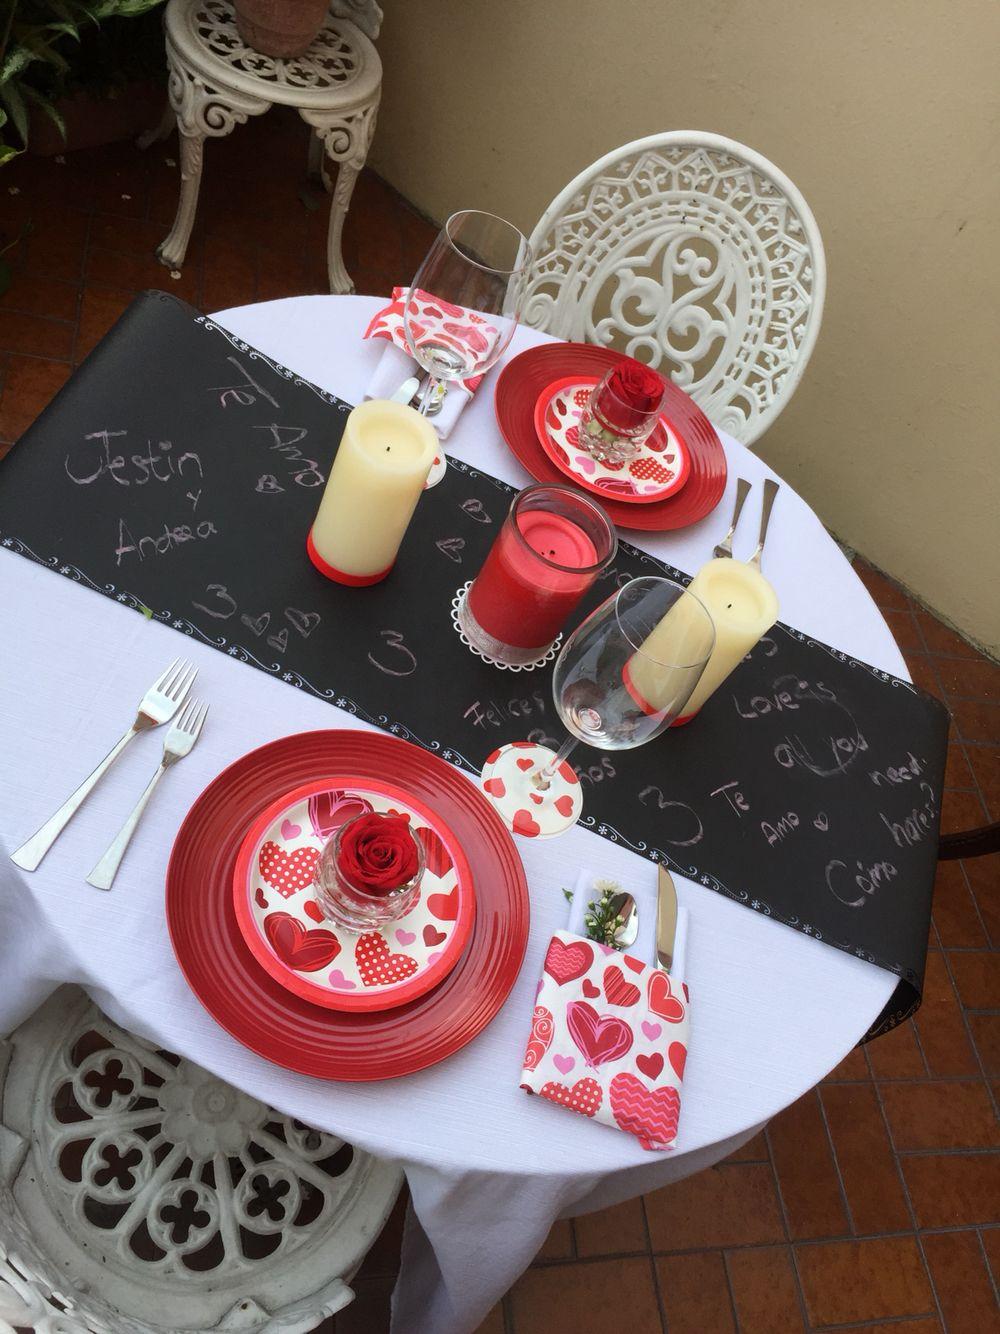 Decoraci n de mesa para cena rom ntica cena s - Decoracion cena romantica ...